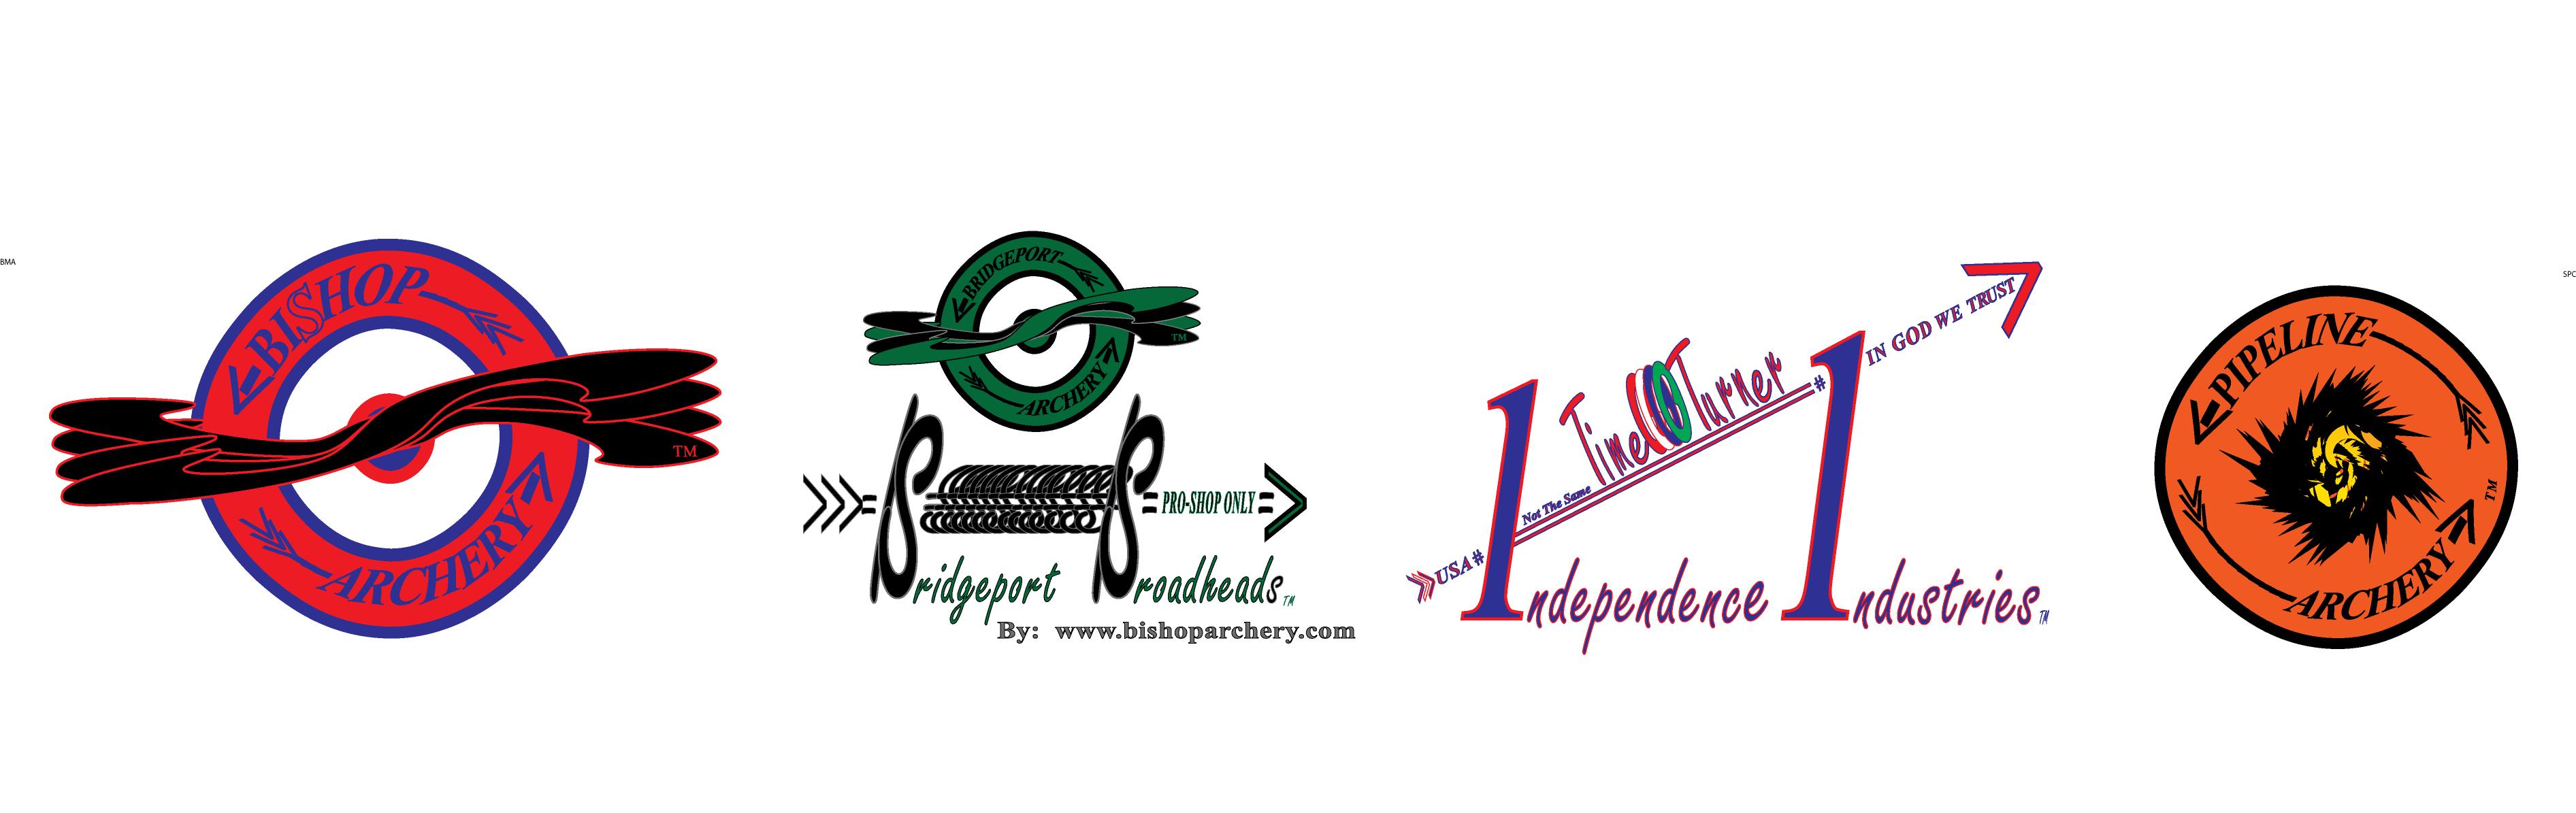 07102016-bishop-family-logos-1.png